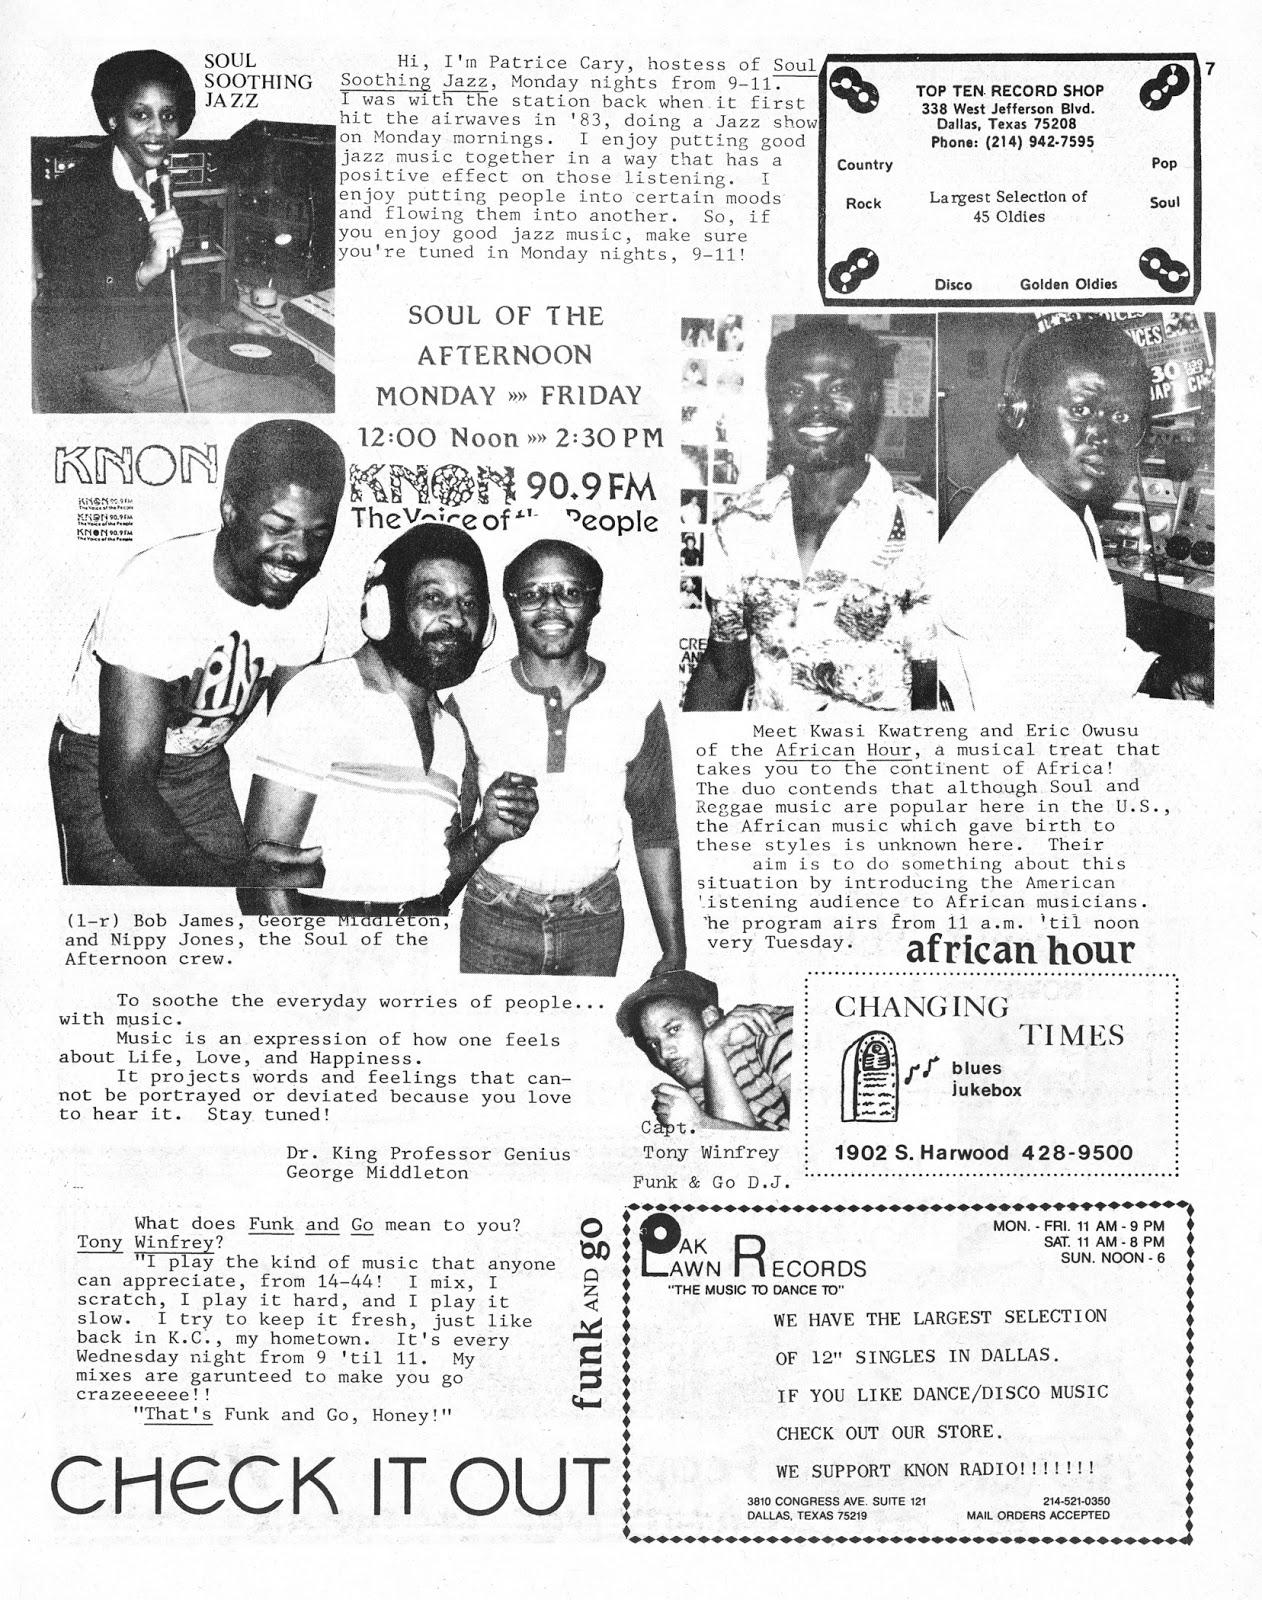 scrapbook-1985-issue-2-p07